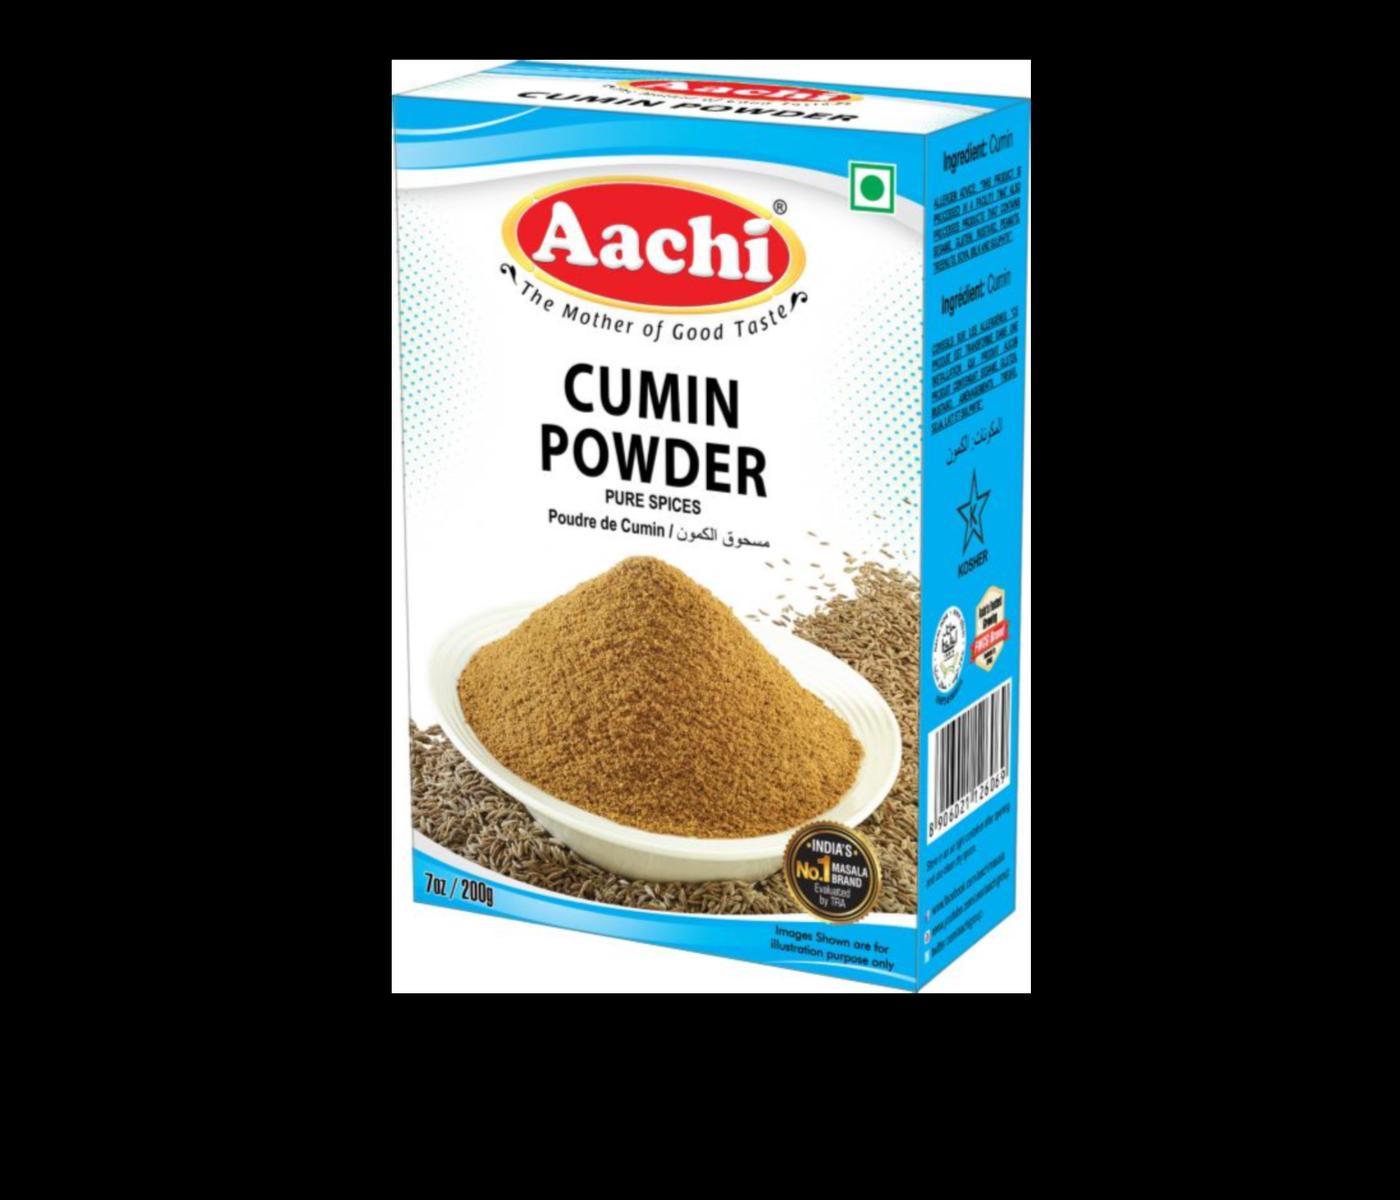 Aachi Cumin Powder